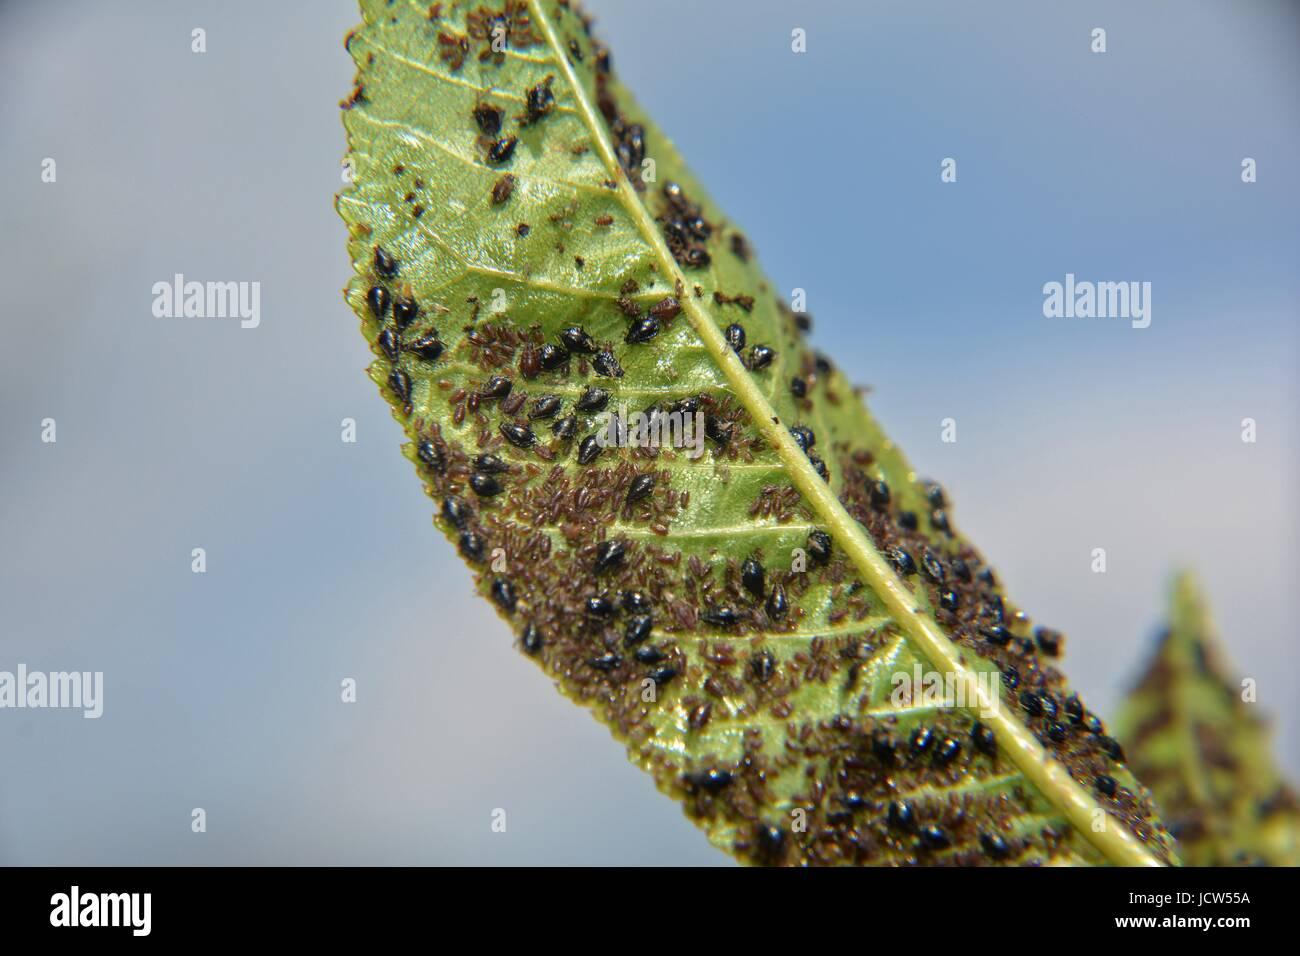 Molti afidi su un albero ciliegio leaf Immagini Stock